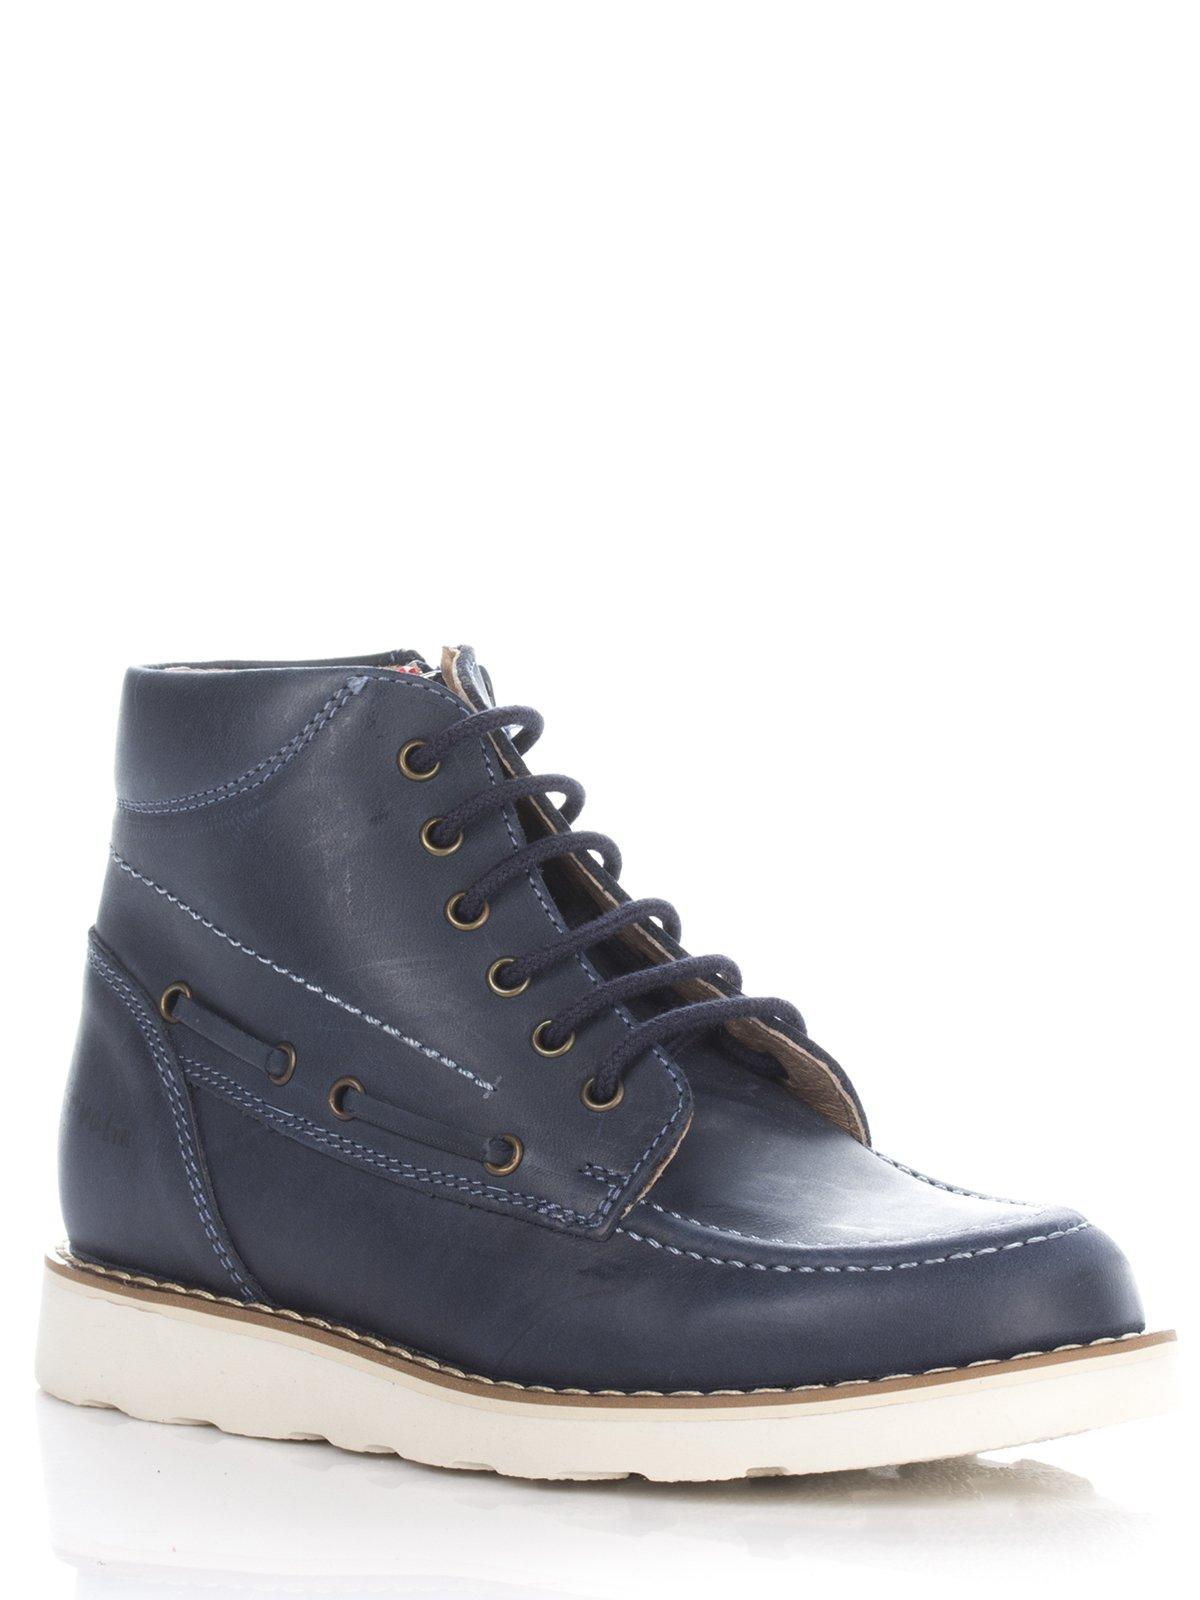 Ботинки темно-синие | 677924